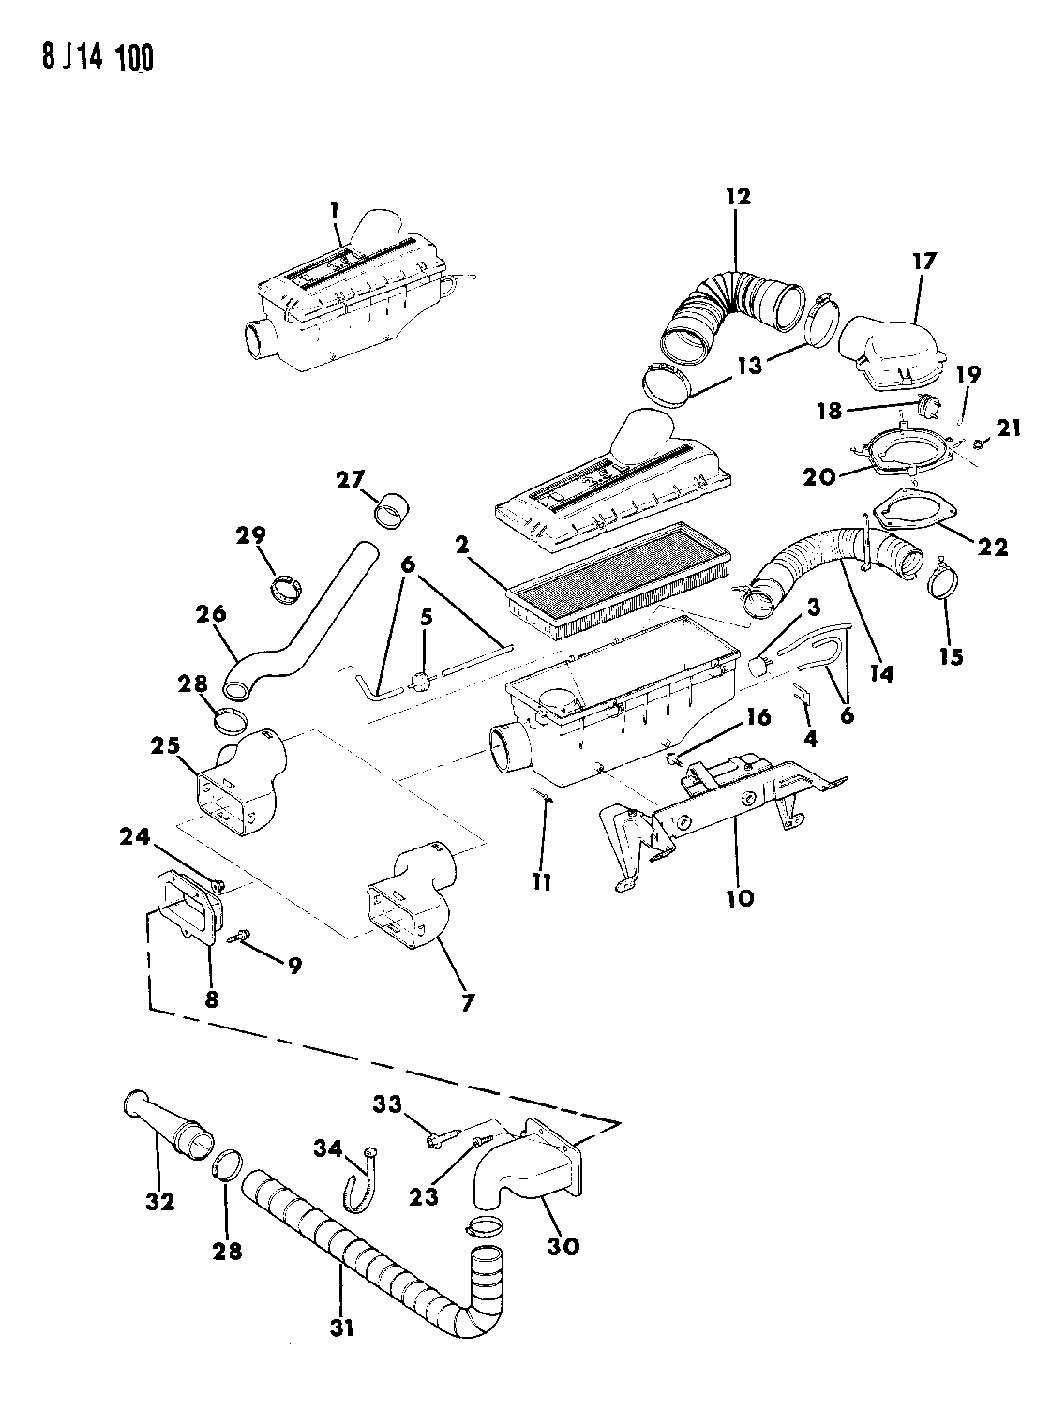 Jeep Wrangler Air Cleaner 2 5l Efi Engine Wrangler Yj